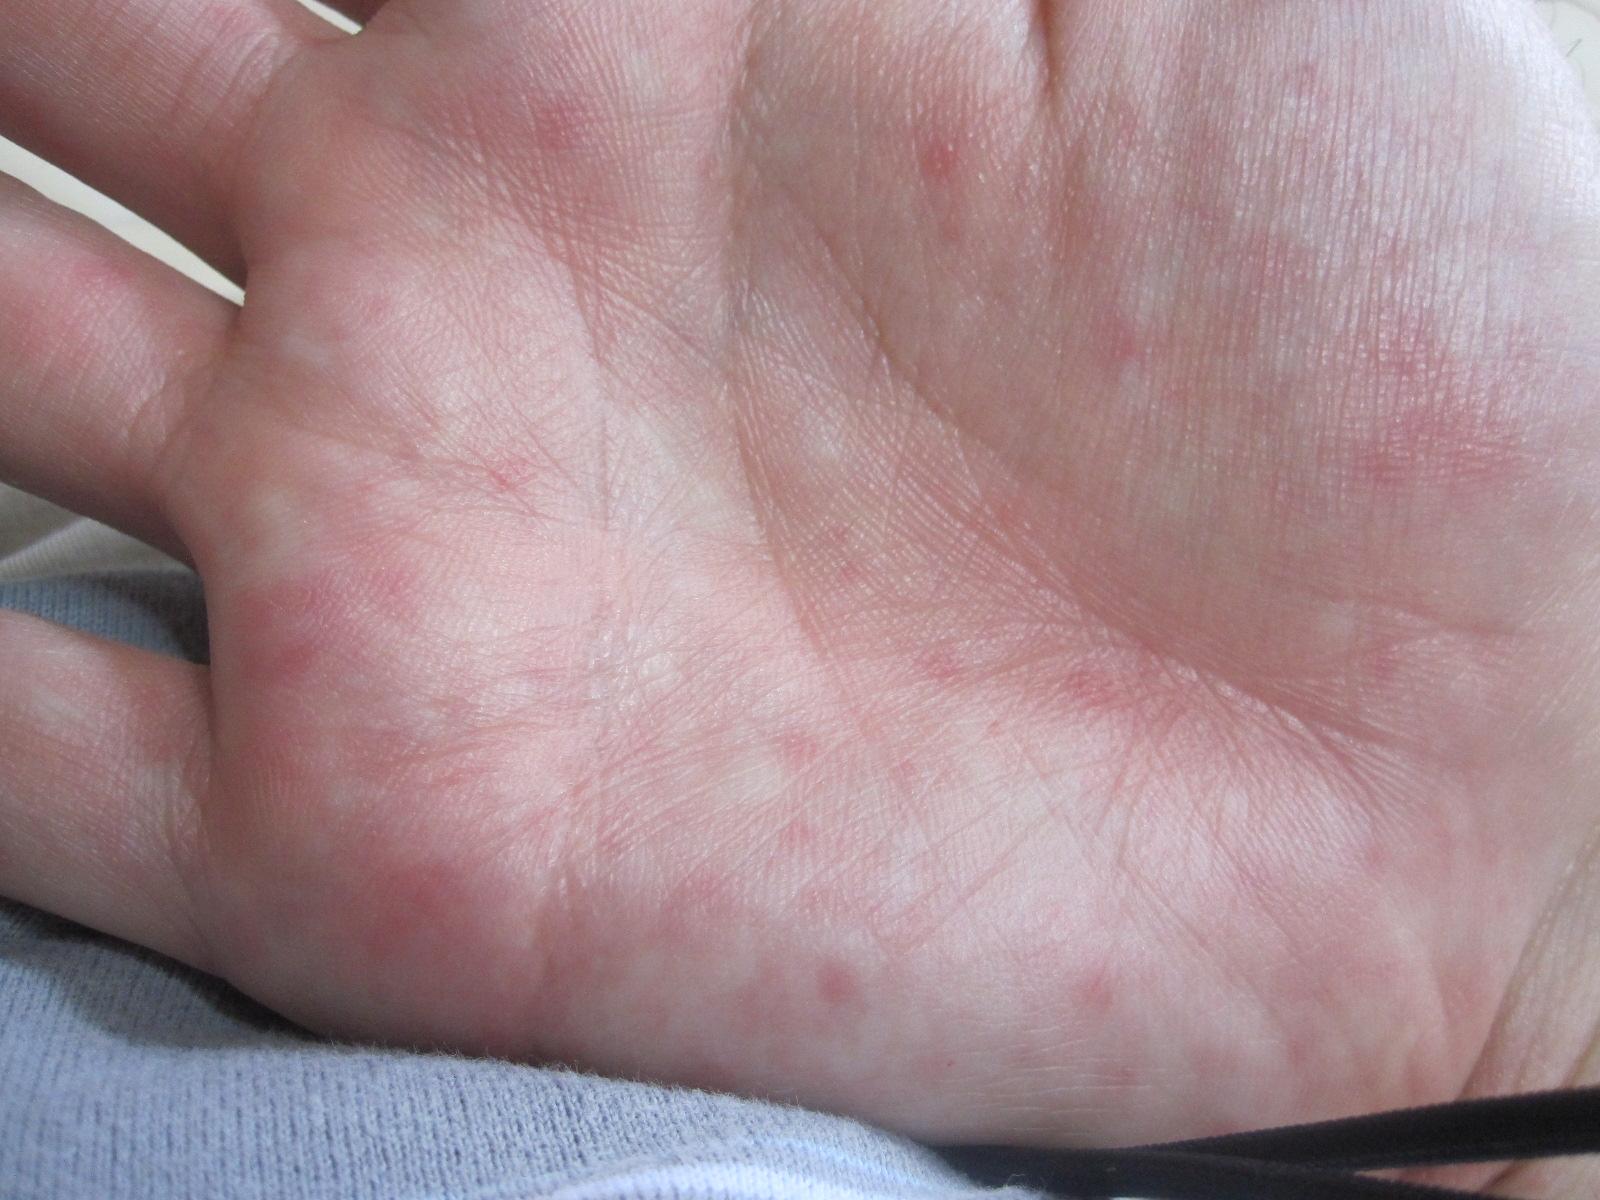 手に平に出現した赤い蕁麻疹